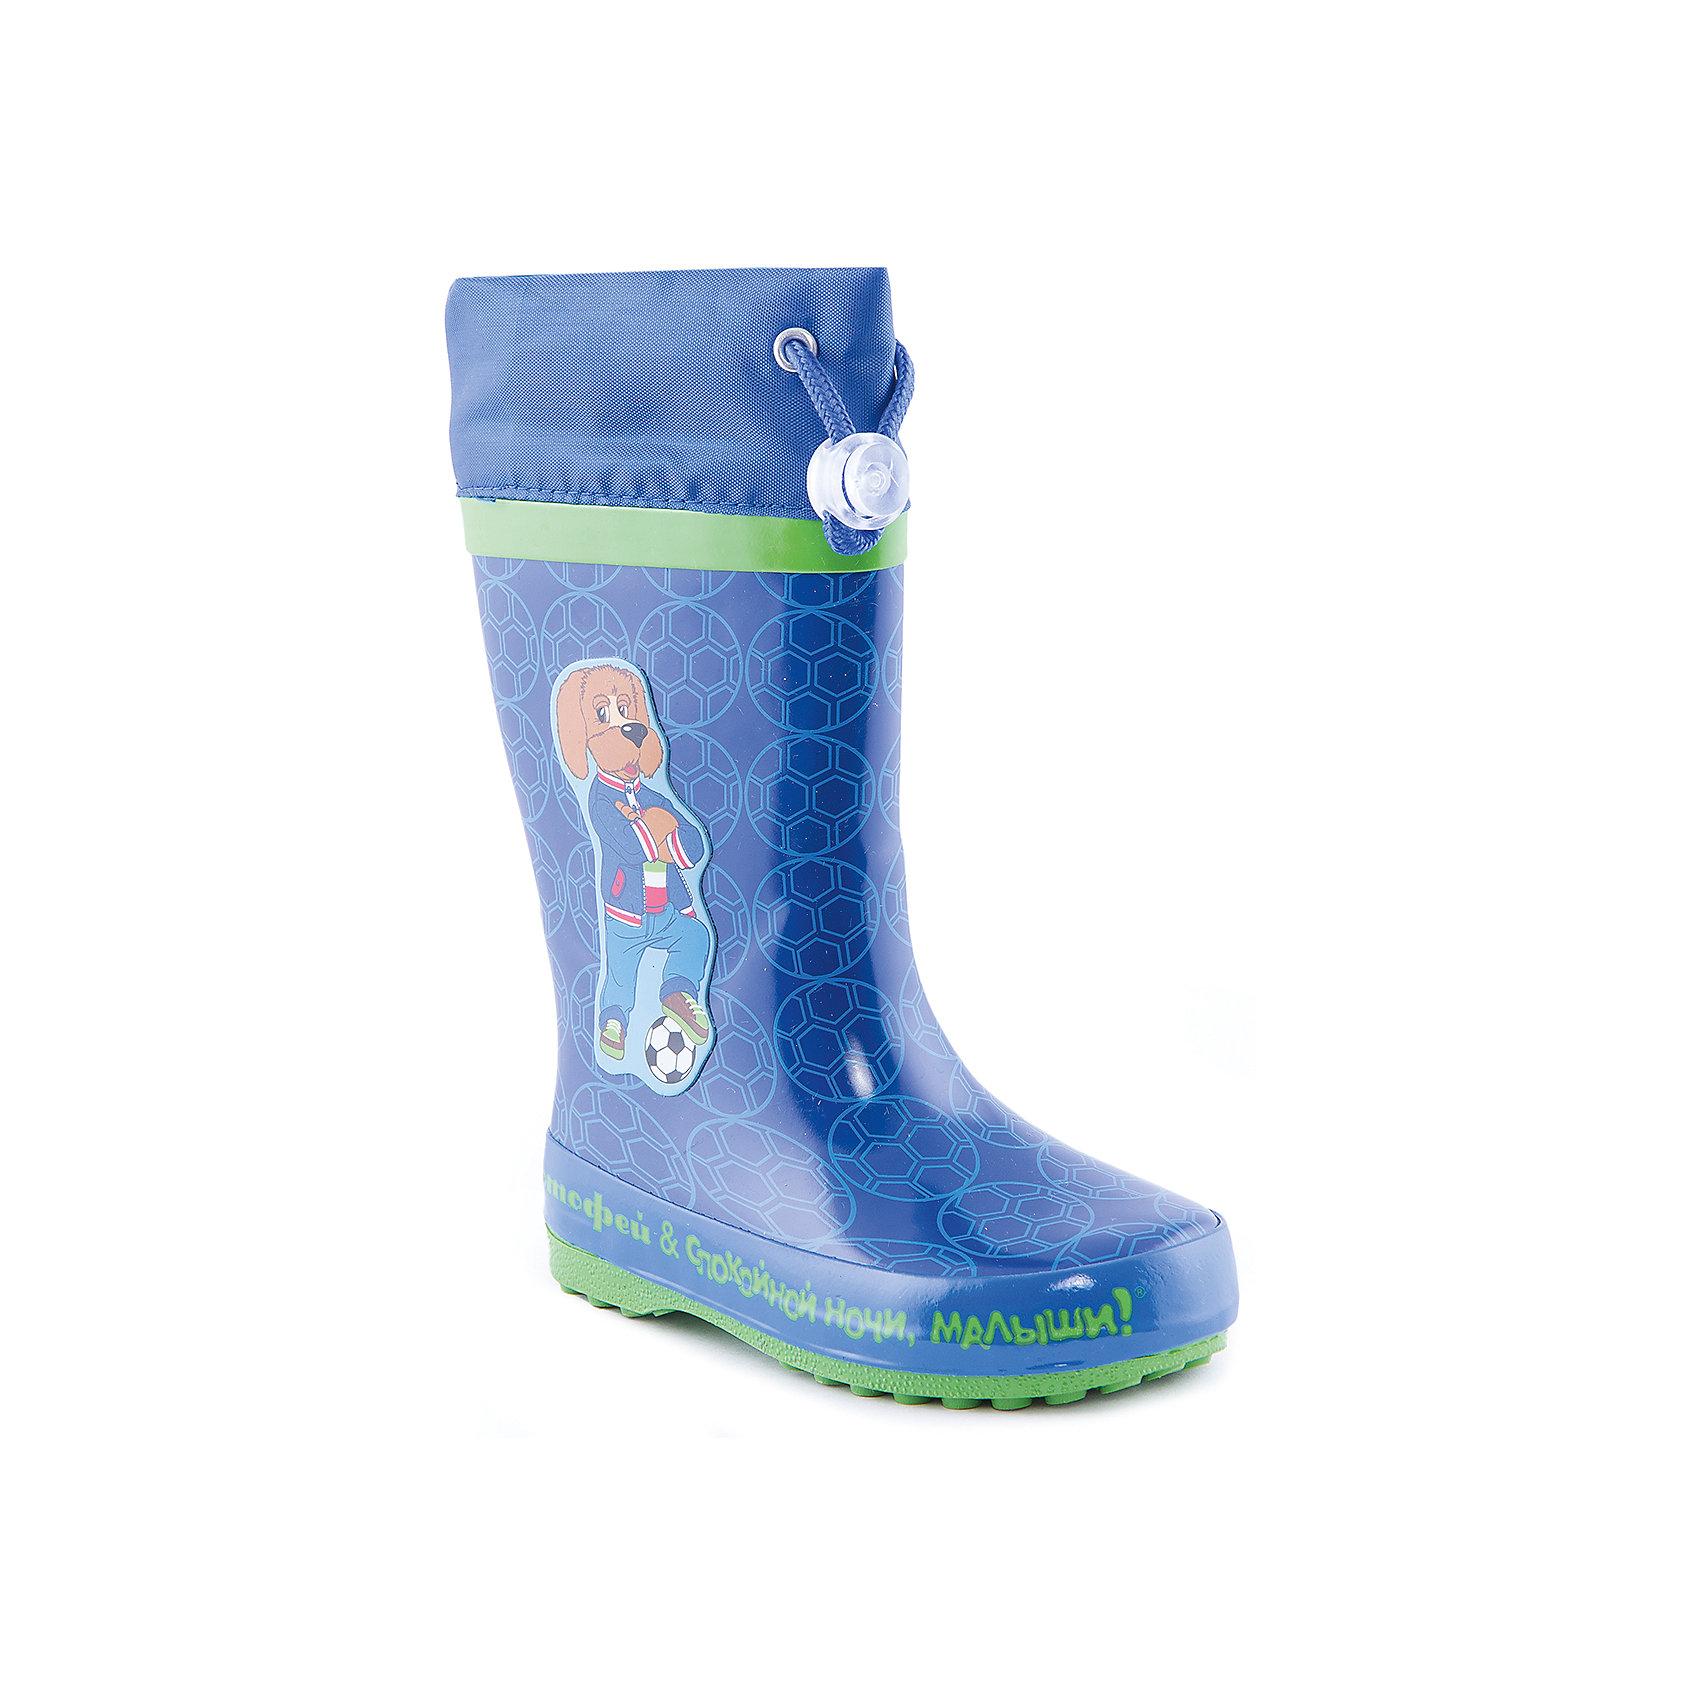 Резиновые сапоги для мальчика КотофейСапожки для мальчика от известного российского бренда Котофей <br><br>Яркие модные сапоги сделаны из качественной резины. Они позволят защитить ноги ребенка от сырости.<br>Высокое голенище с утяжкой защитит одежду от грязи и влаги.<br><br>Отличительные особенности модели:<br><br>- цвет: синий;<br>- удобная колодка;<br>- утяжка со стоппером на голенище;<br>- качественные материалы;<br>- толстая устойчивая подошва;<br>- сделаны с помощью горячей вулканизации;<br>- текстильная подкладка;<br>- декорированы принтом.<br><br>Дополнительная информация:<br><br>Температурный режим: от +5° С до +25° С.<br><br>Состав:<br>верх - резина;<br>подкладка - текстиль;<br>подошва - резина.<br><br>Сапожки для мальчика  Котофей можно купить в нашем магазине.<br><br>Ширина мм: 257<br>Глубина мм: 180<br>Высота мм: 130<br>Вес г: 420<br>Цвет: синий<br>Возраст от месяцев: 24<br>Возраст до месяцев: 24<br>Пол: Мужской<br>Возраст: Детский<br>Размер: 25,24,28,29,26,27<br>SKU: 4565879